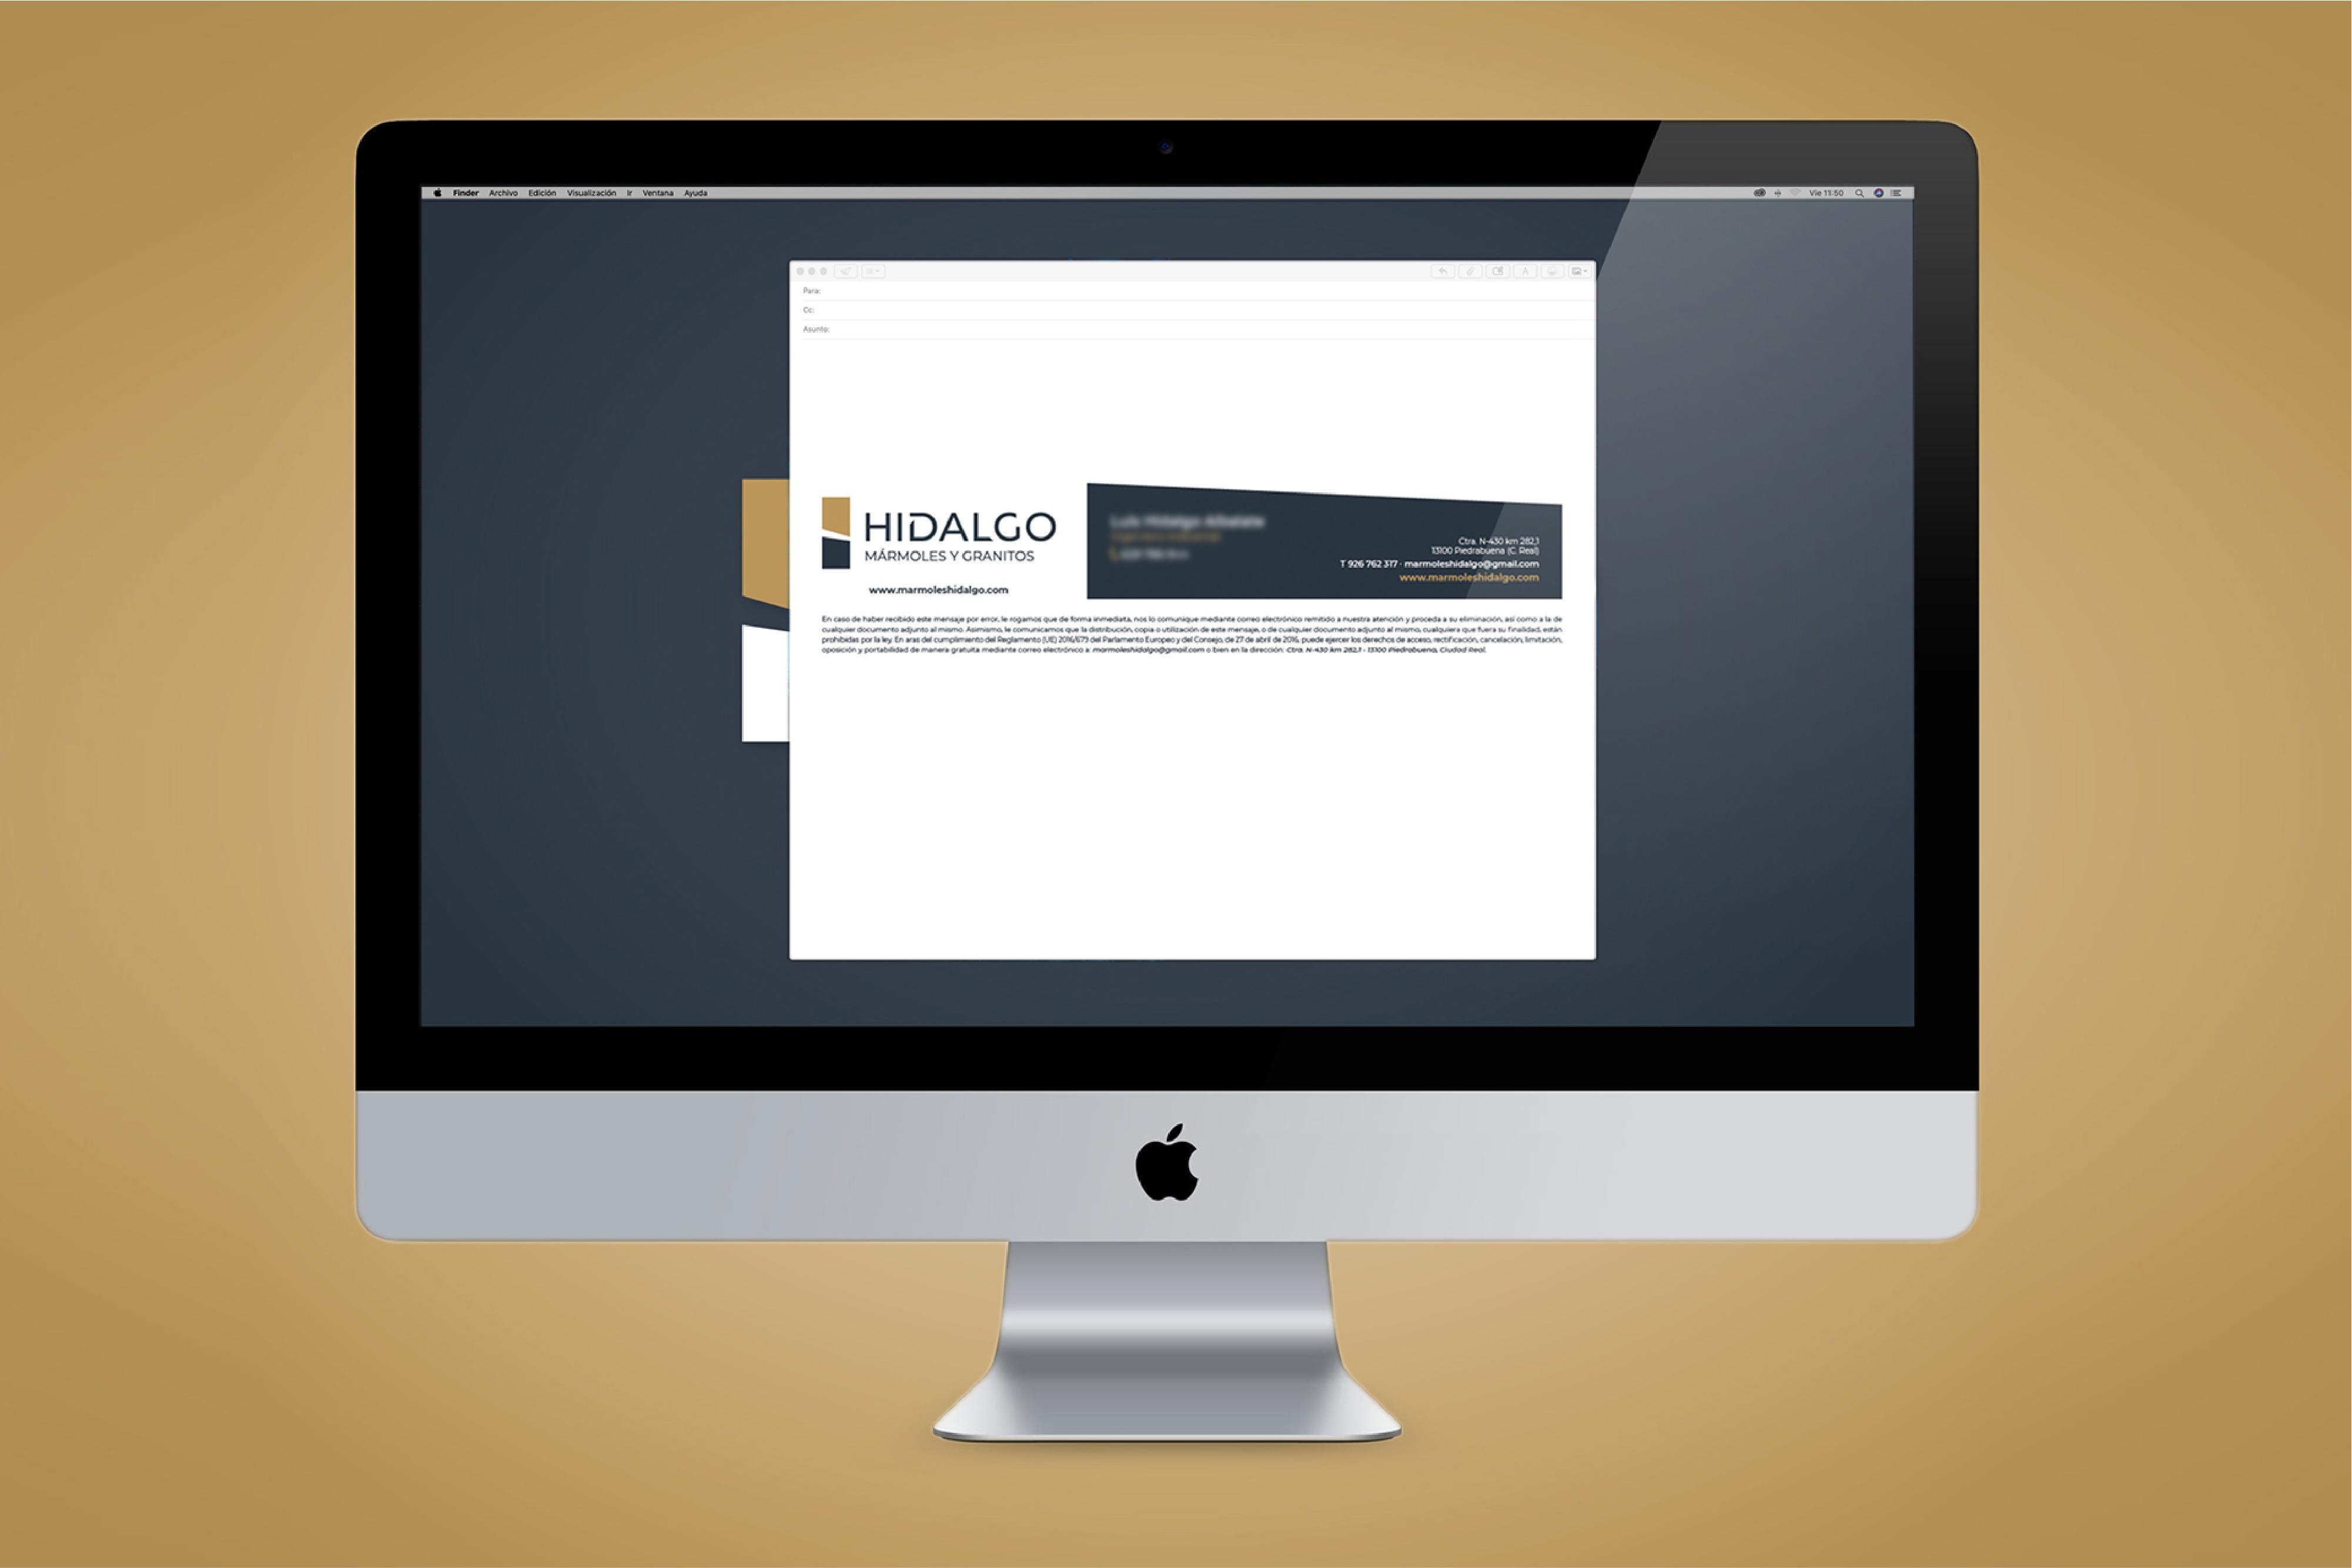 Firma correo electrónico Hidalgo mármoles y granitos